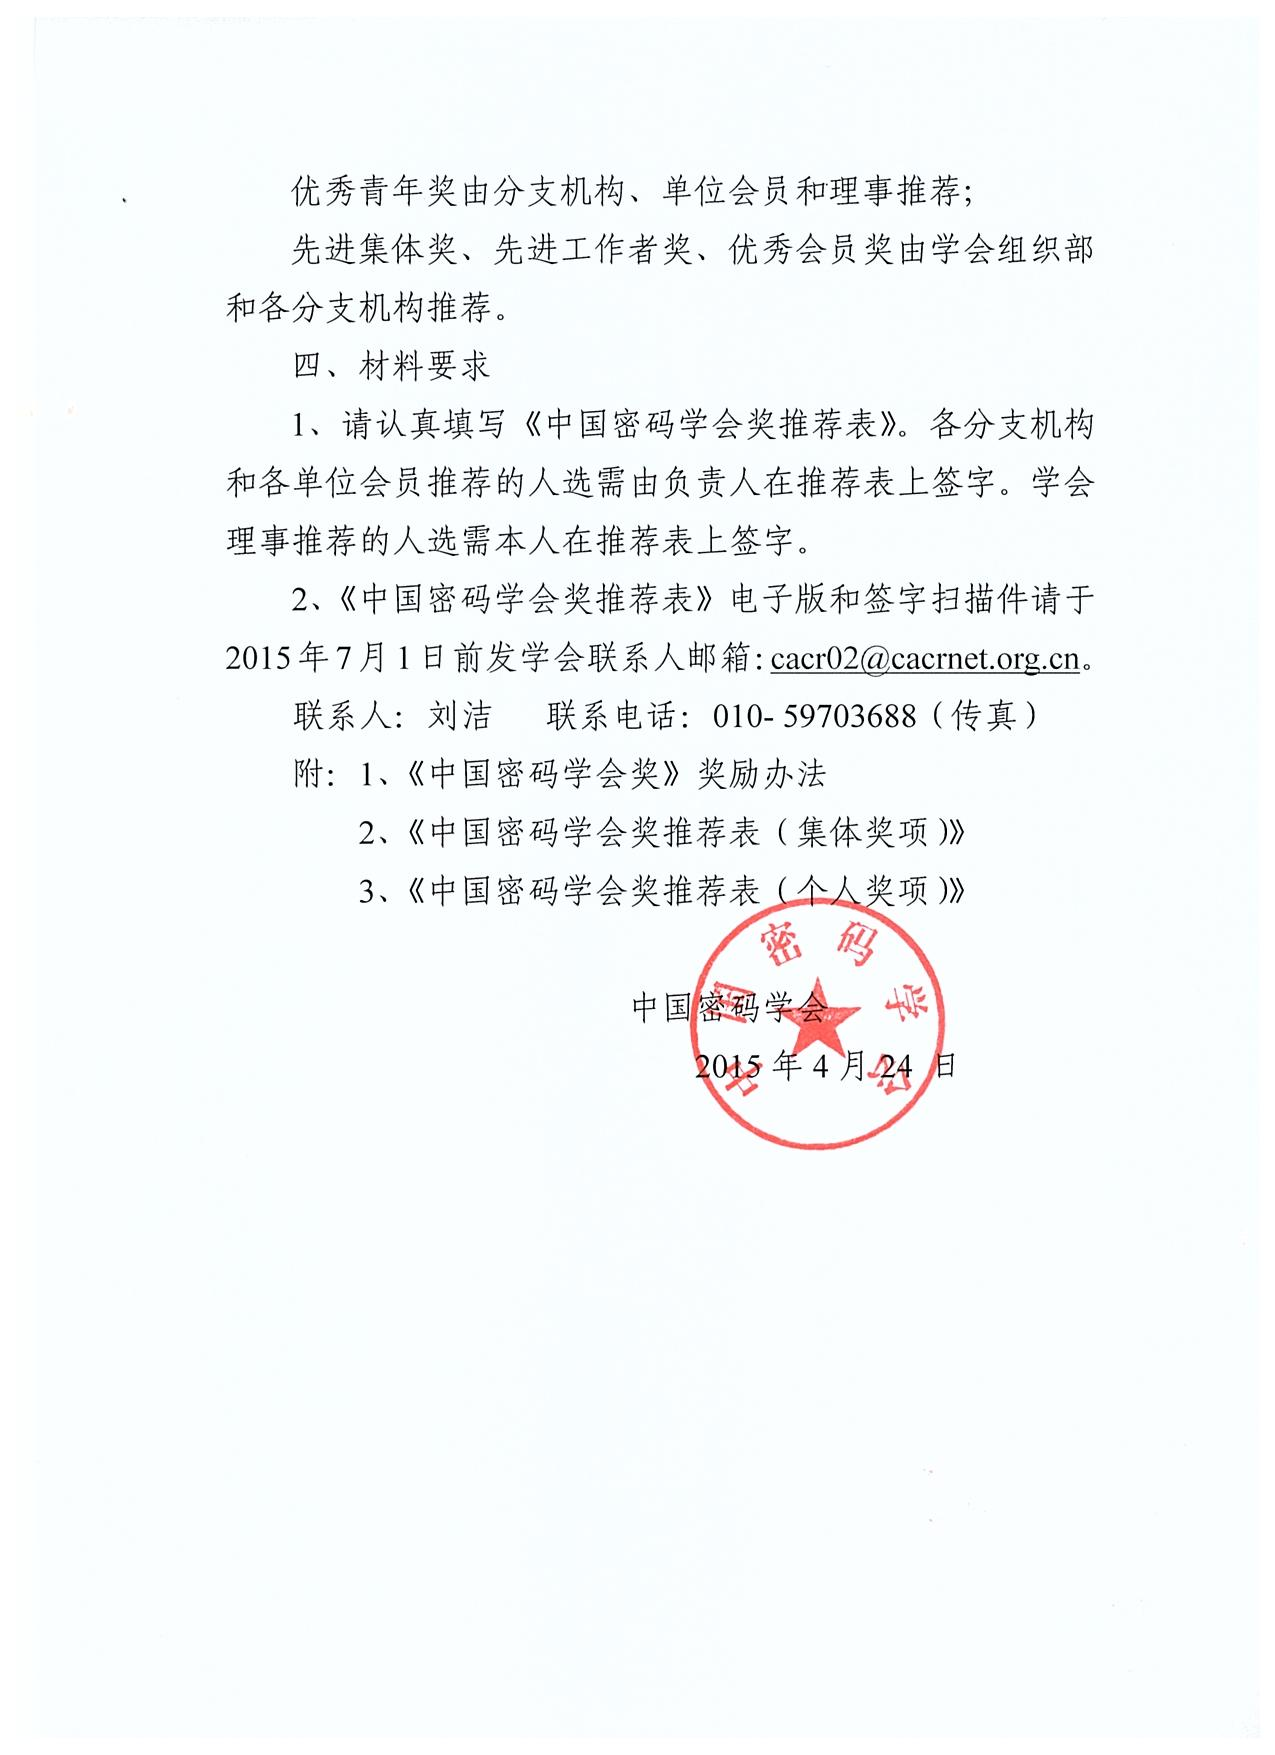 关于开展中国密码学会奖推荐工作的通知1.jpg